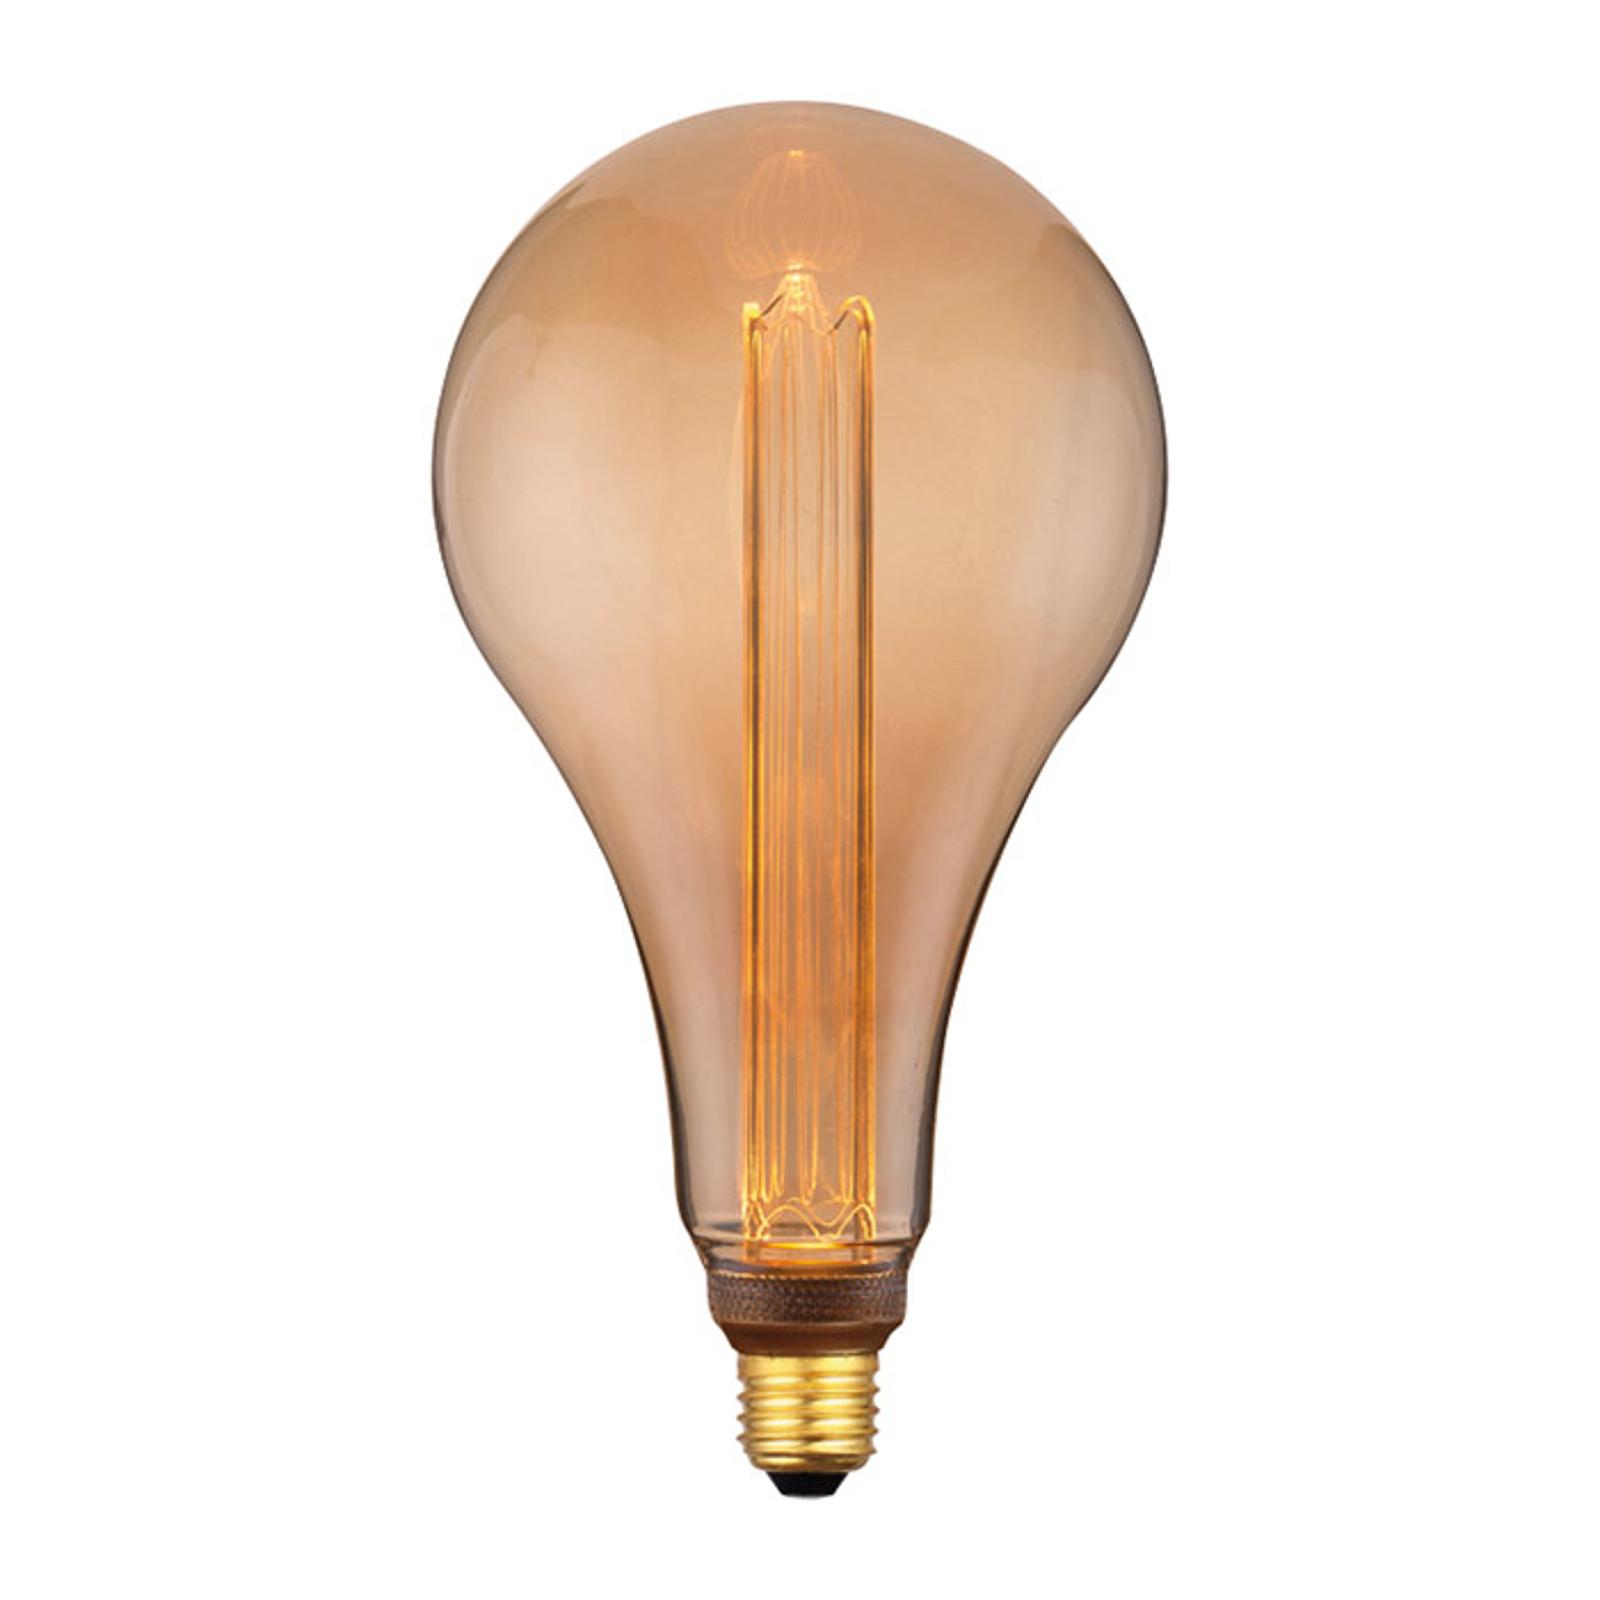 Żarówka LED E27 5W, ciepła biel 3-Step-dim, 30 cm